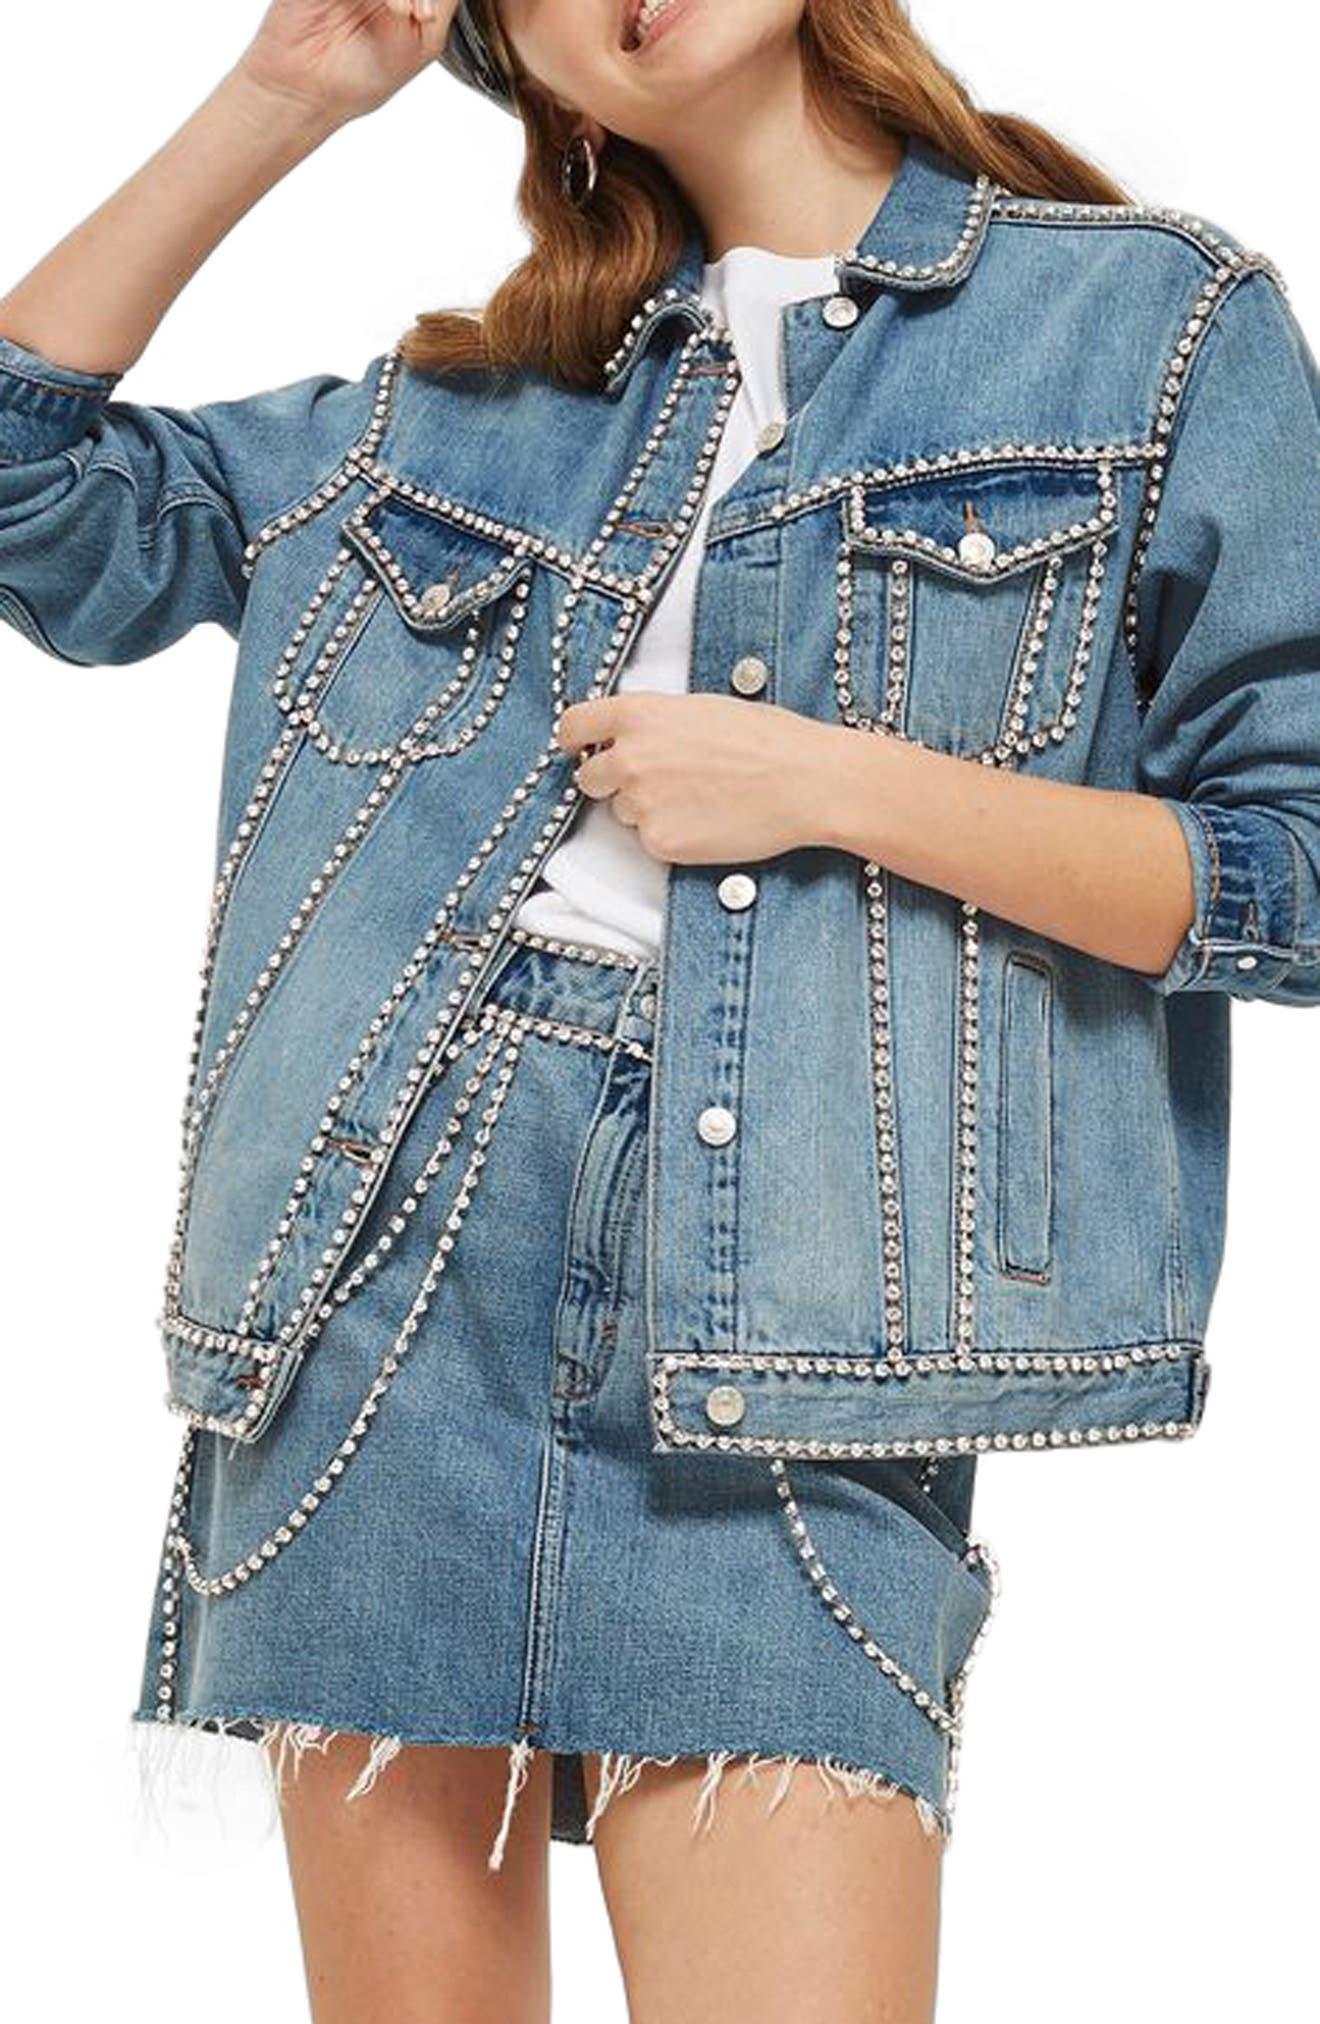 Alternate Image 1 Selected - Topshop Oversize Crystal Seam Denim Jacket